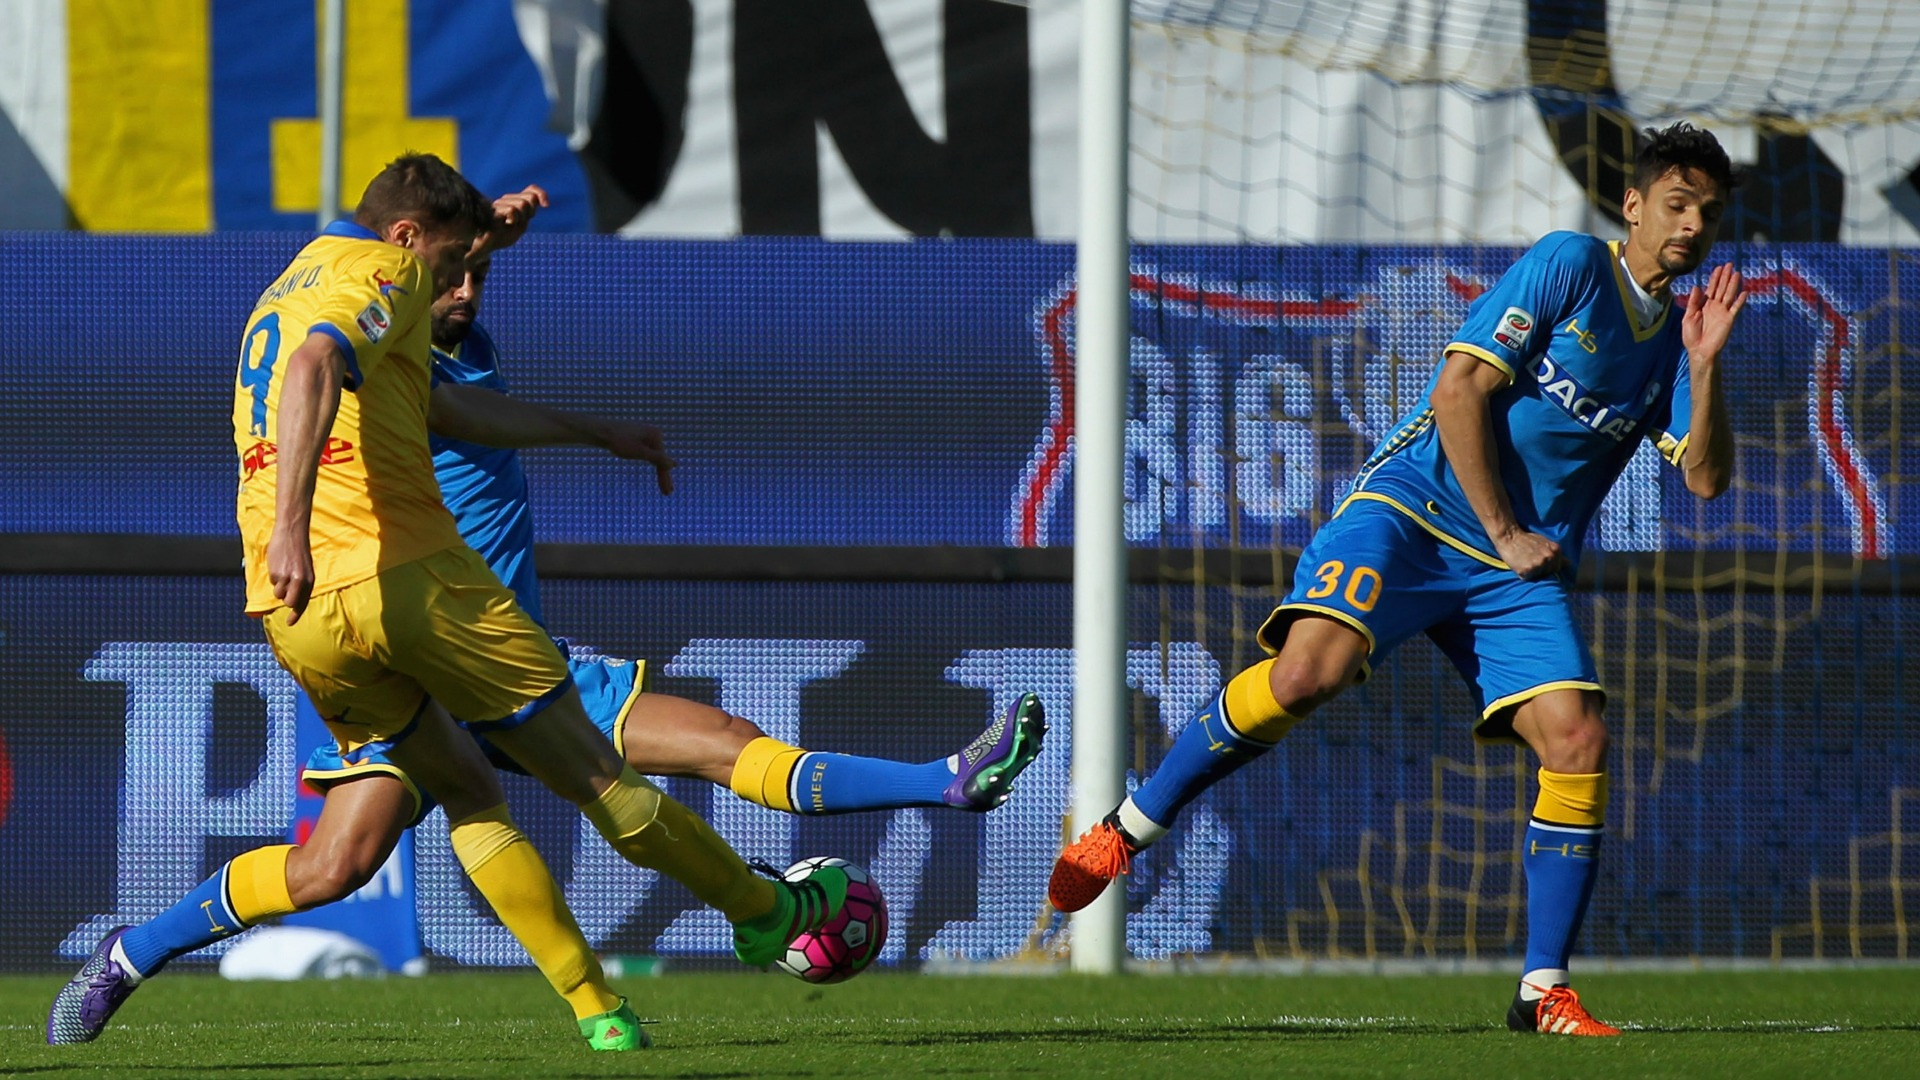 Video: Frosinone vs Udinese